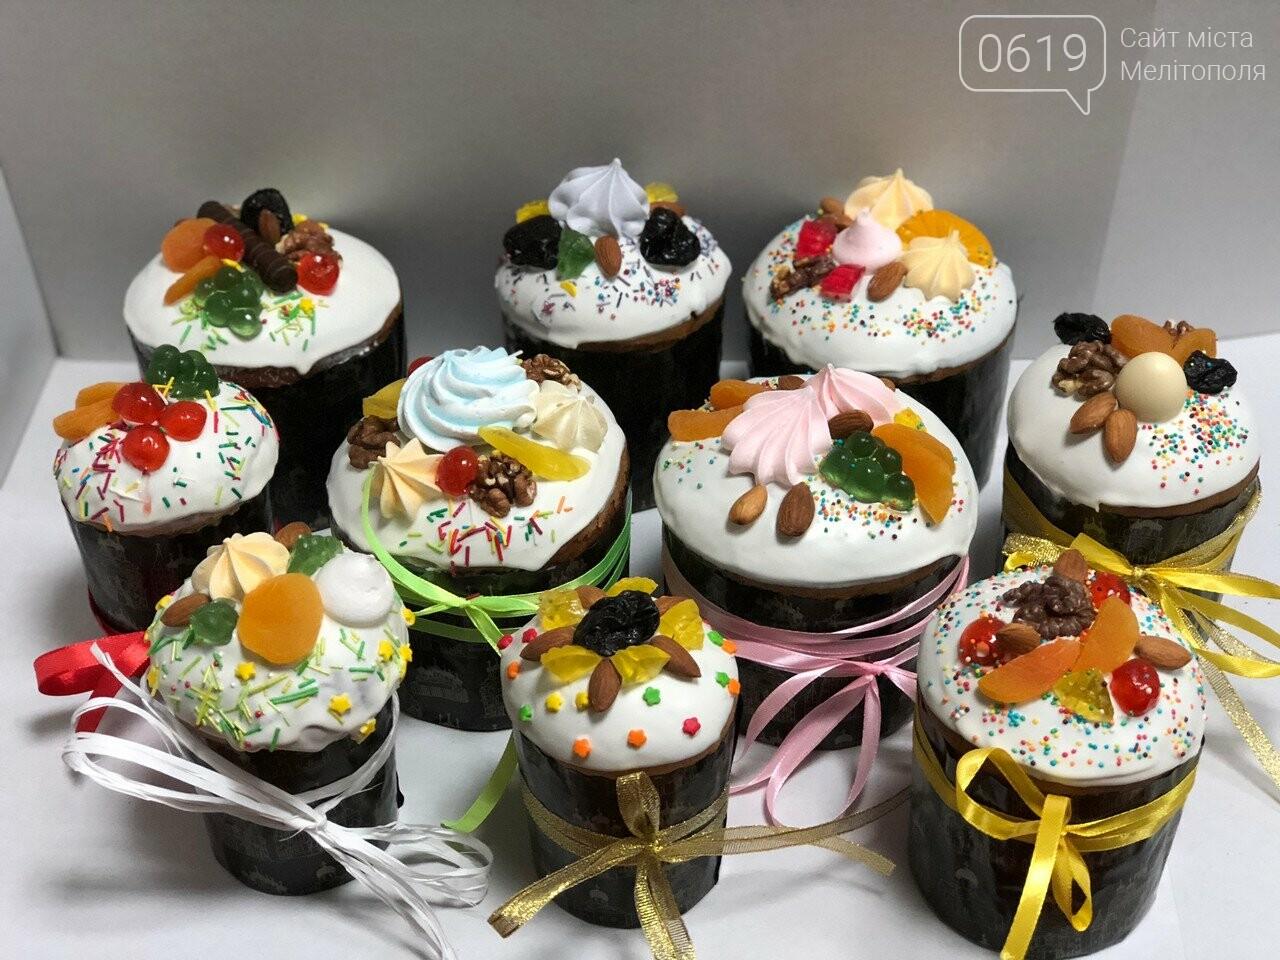 Пасхальные куличи по форме, вкусу и декору могут быть самыми разнообразными!